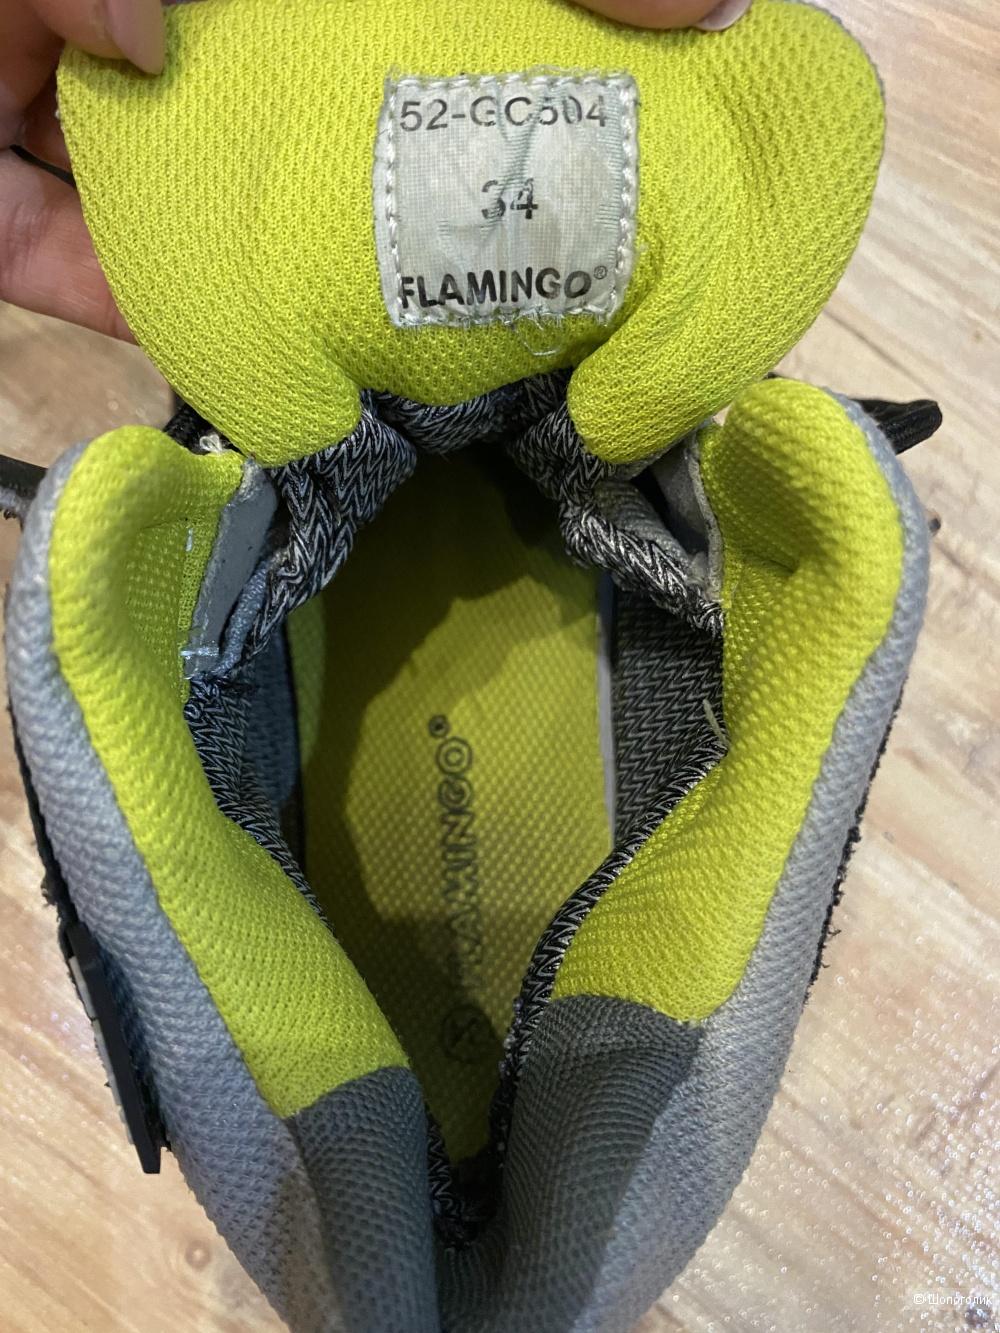 Зимние ботинки на мальчика Flamingo, р. 34